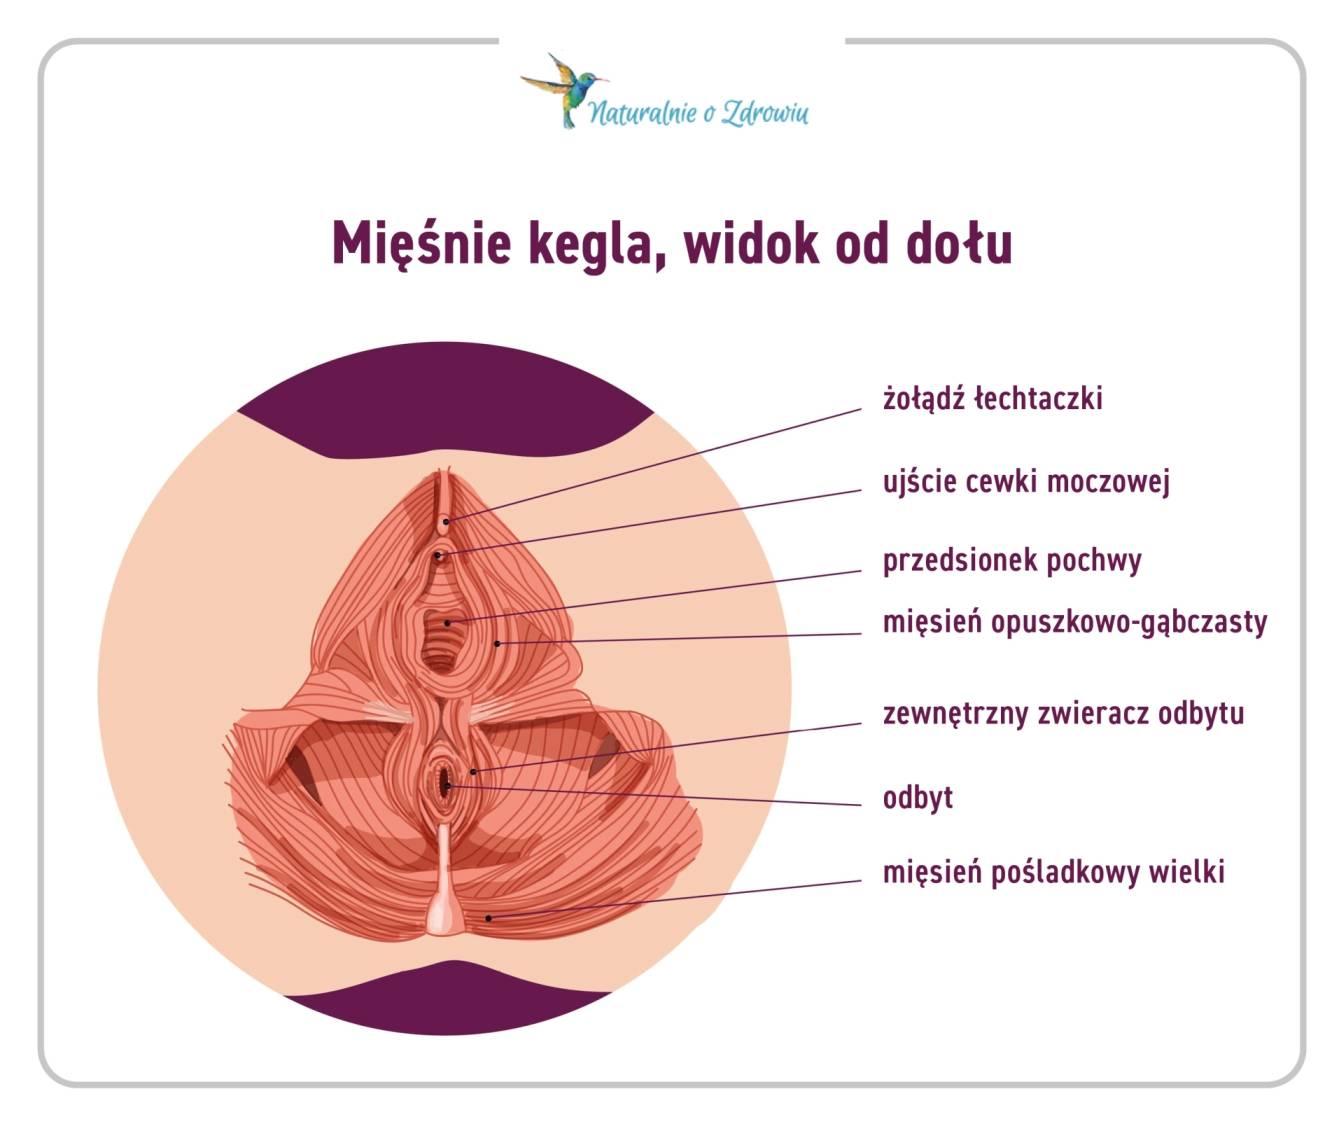 Jak zbudowane są mięśnie Kegla? - przekrój mięsni dna miednicy - infografika.